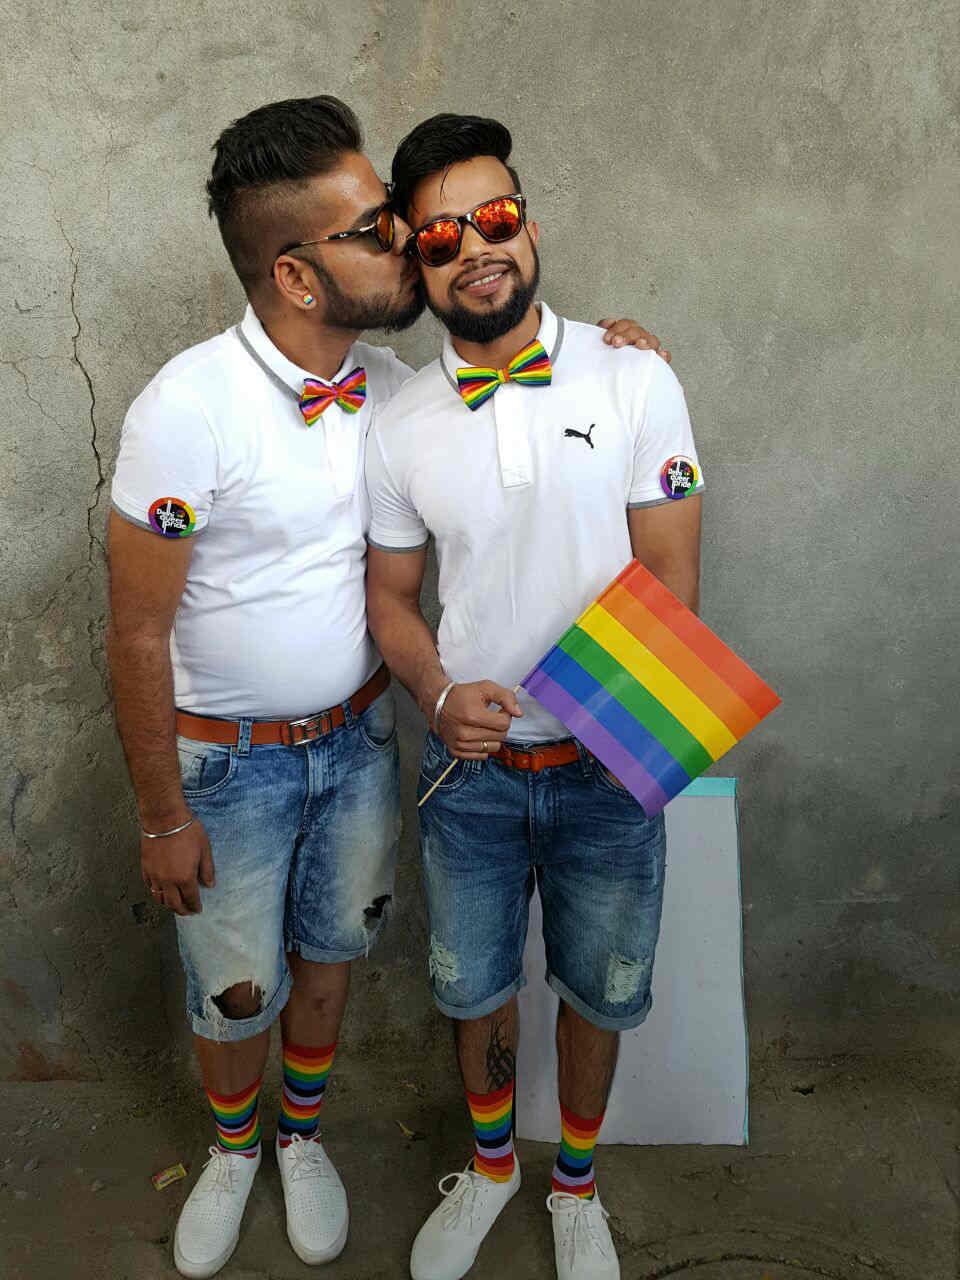 pride-parade-one